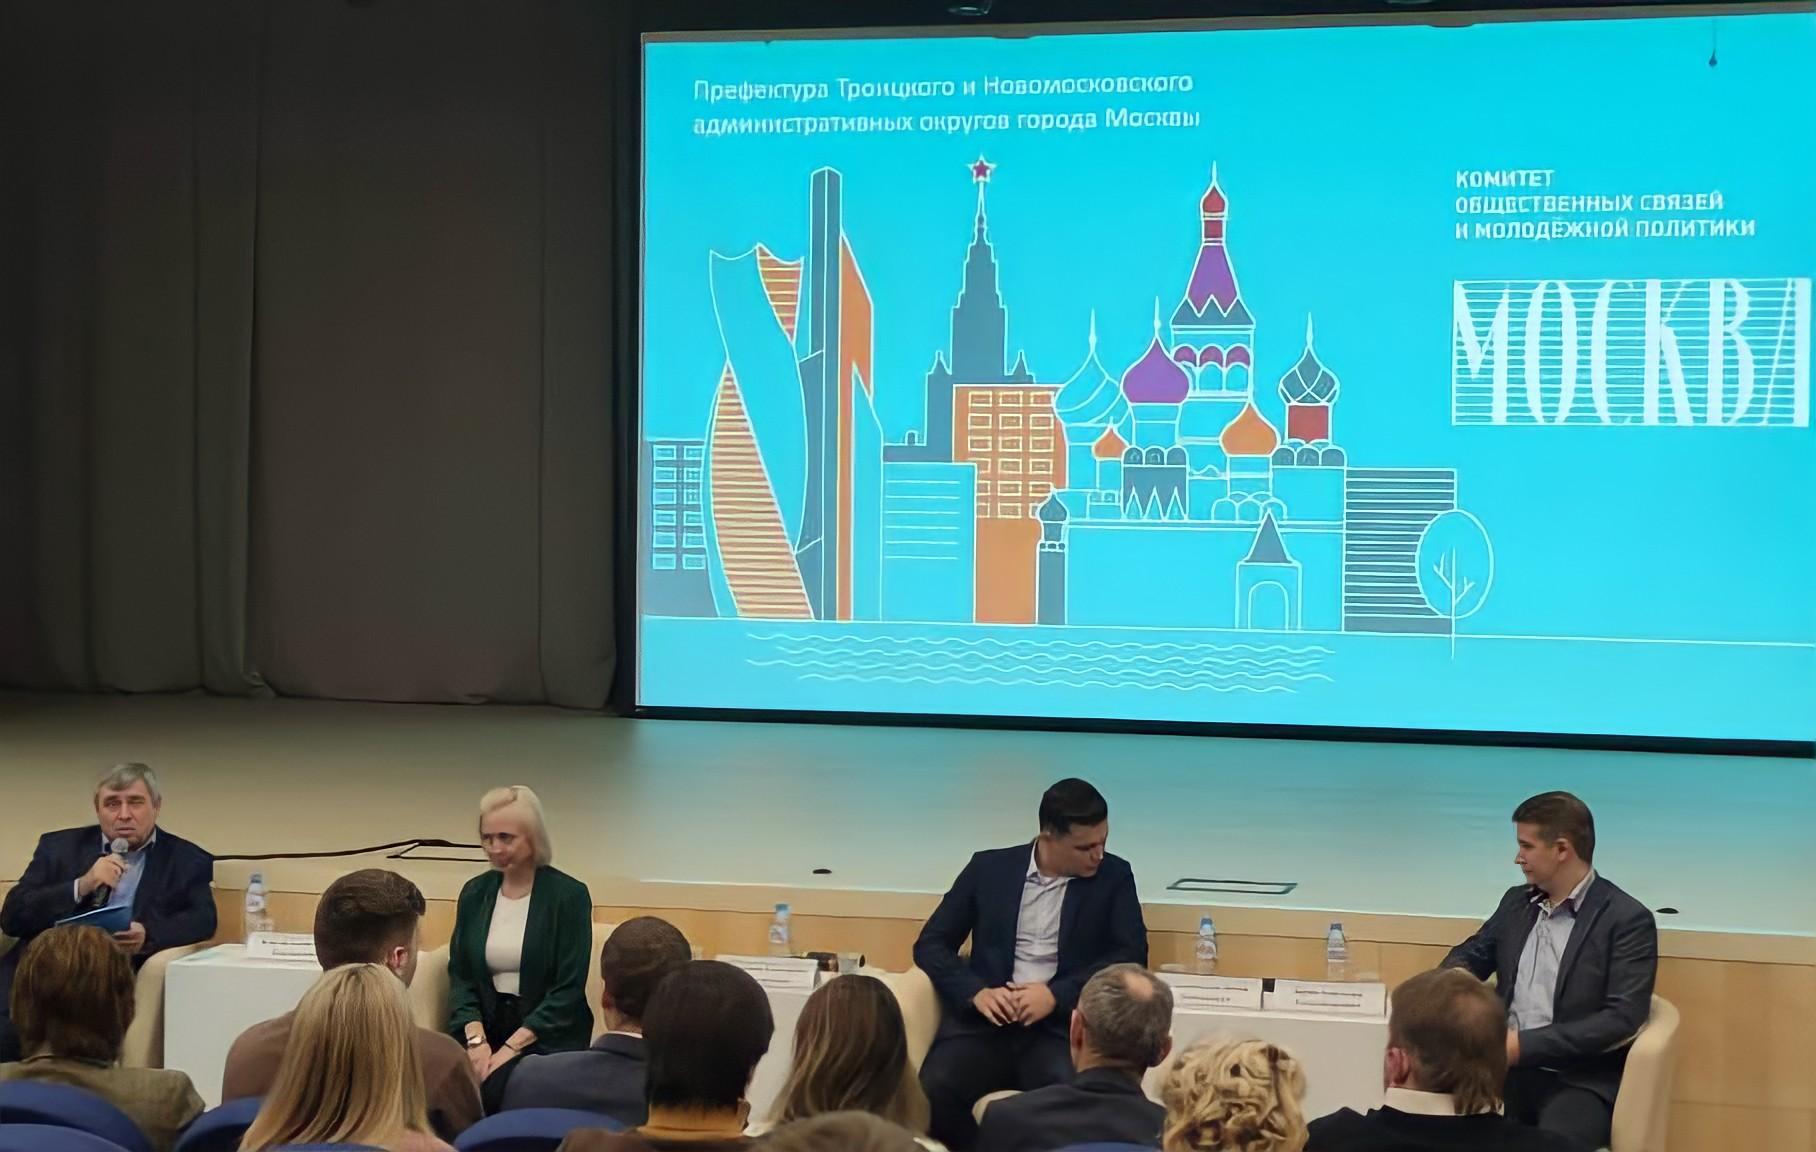 Представители Молодежной палаты Десеновского приняли участие в конференции по молодежной политике